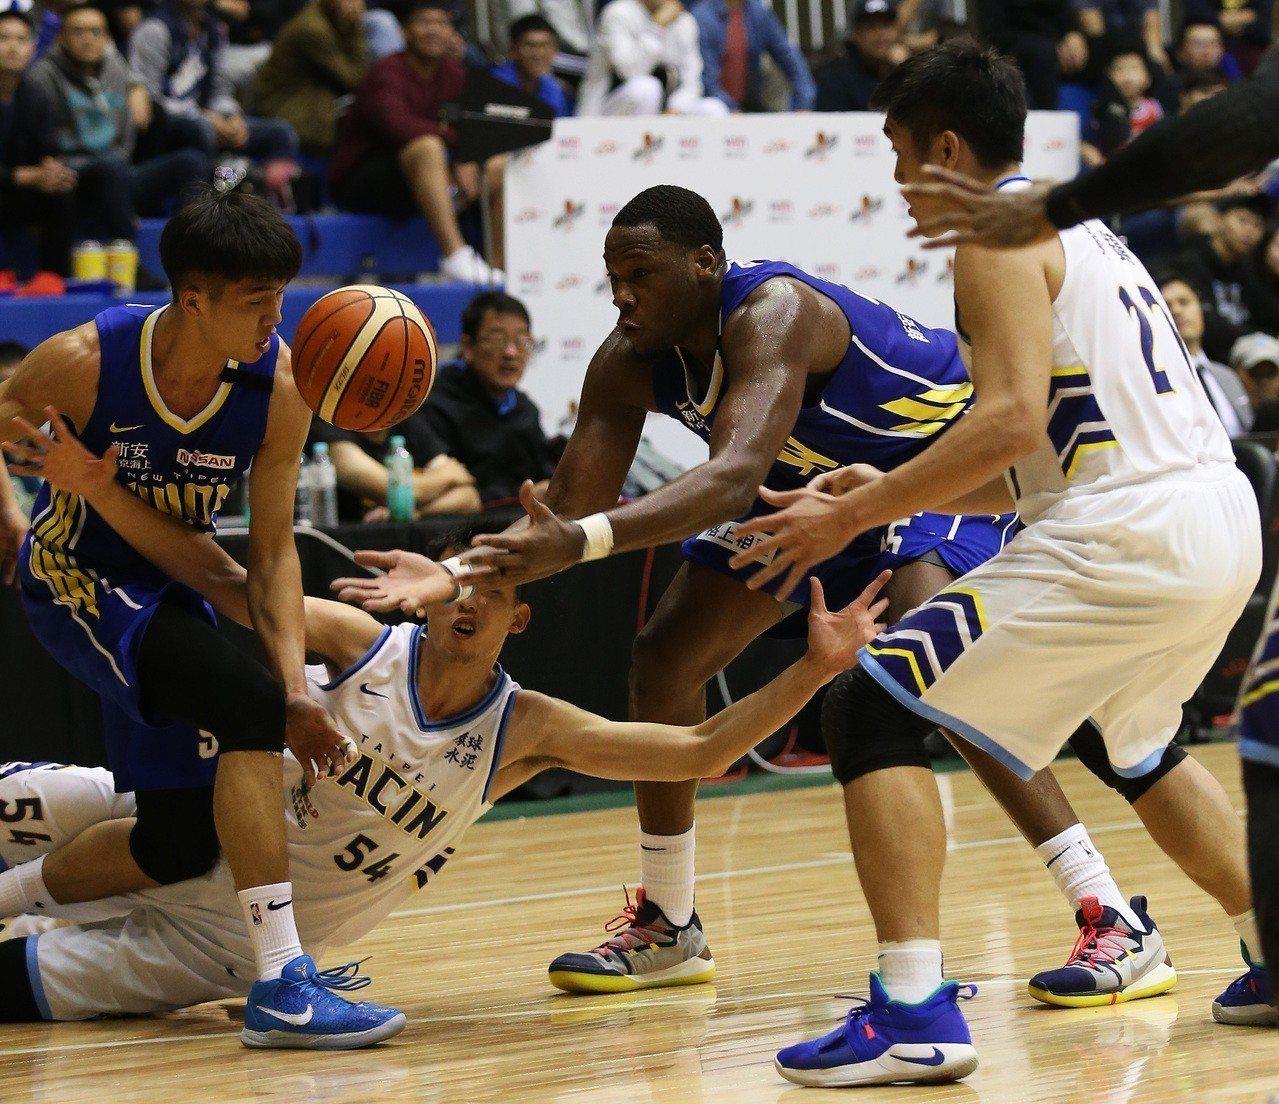 道森(中)加入為球隊防守端帶來貢獻。圖/中華籃球協會提供